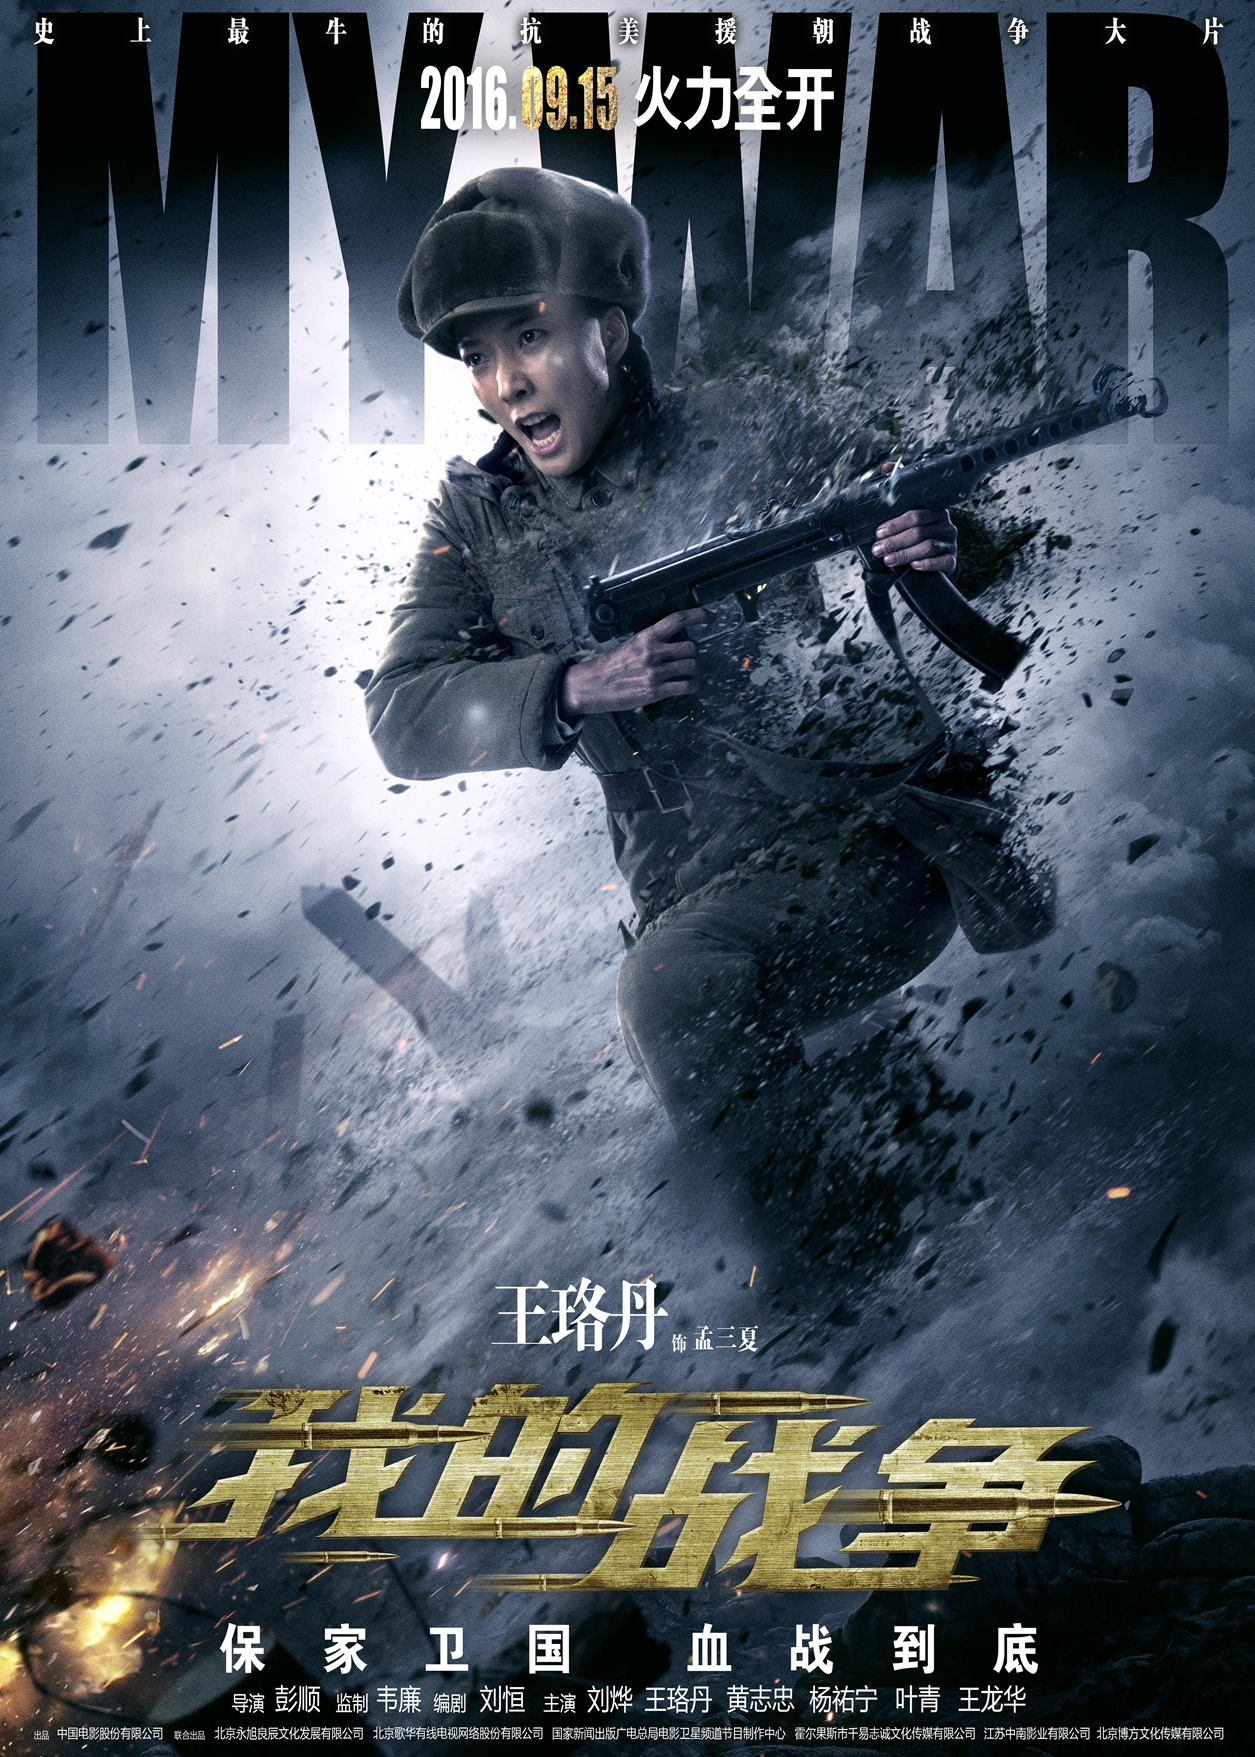 少年神_我的战争_电影海报_图集_电影网_1905.com